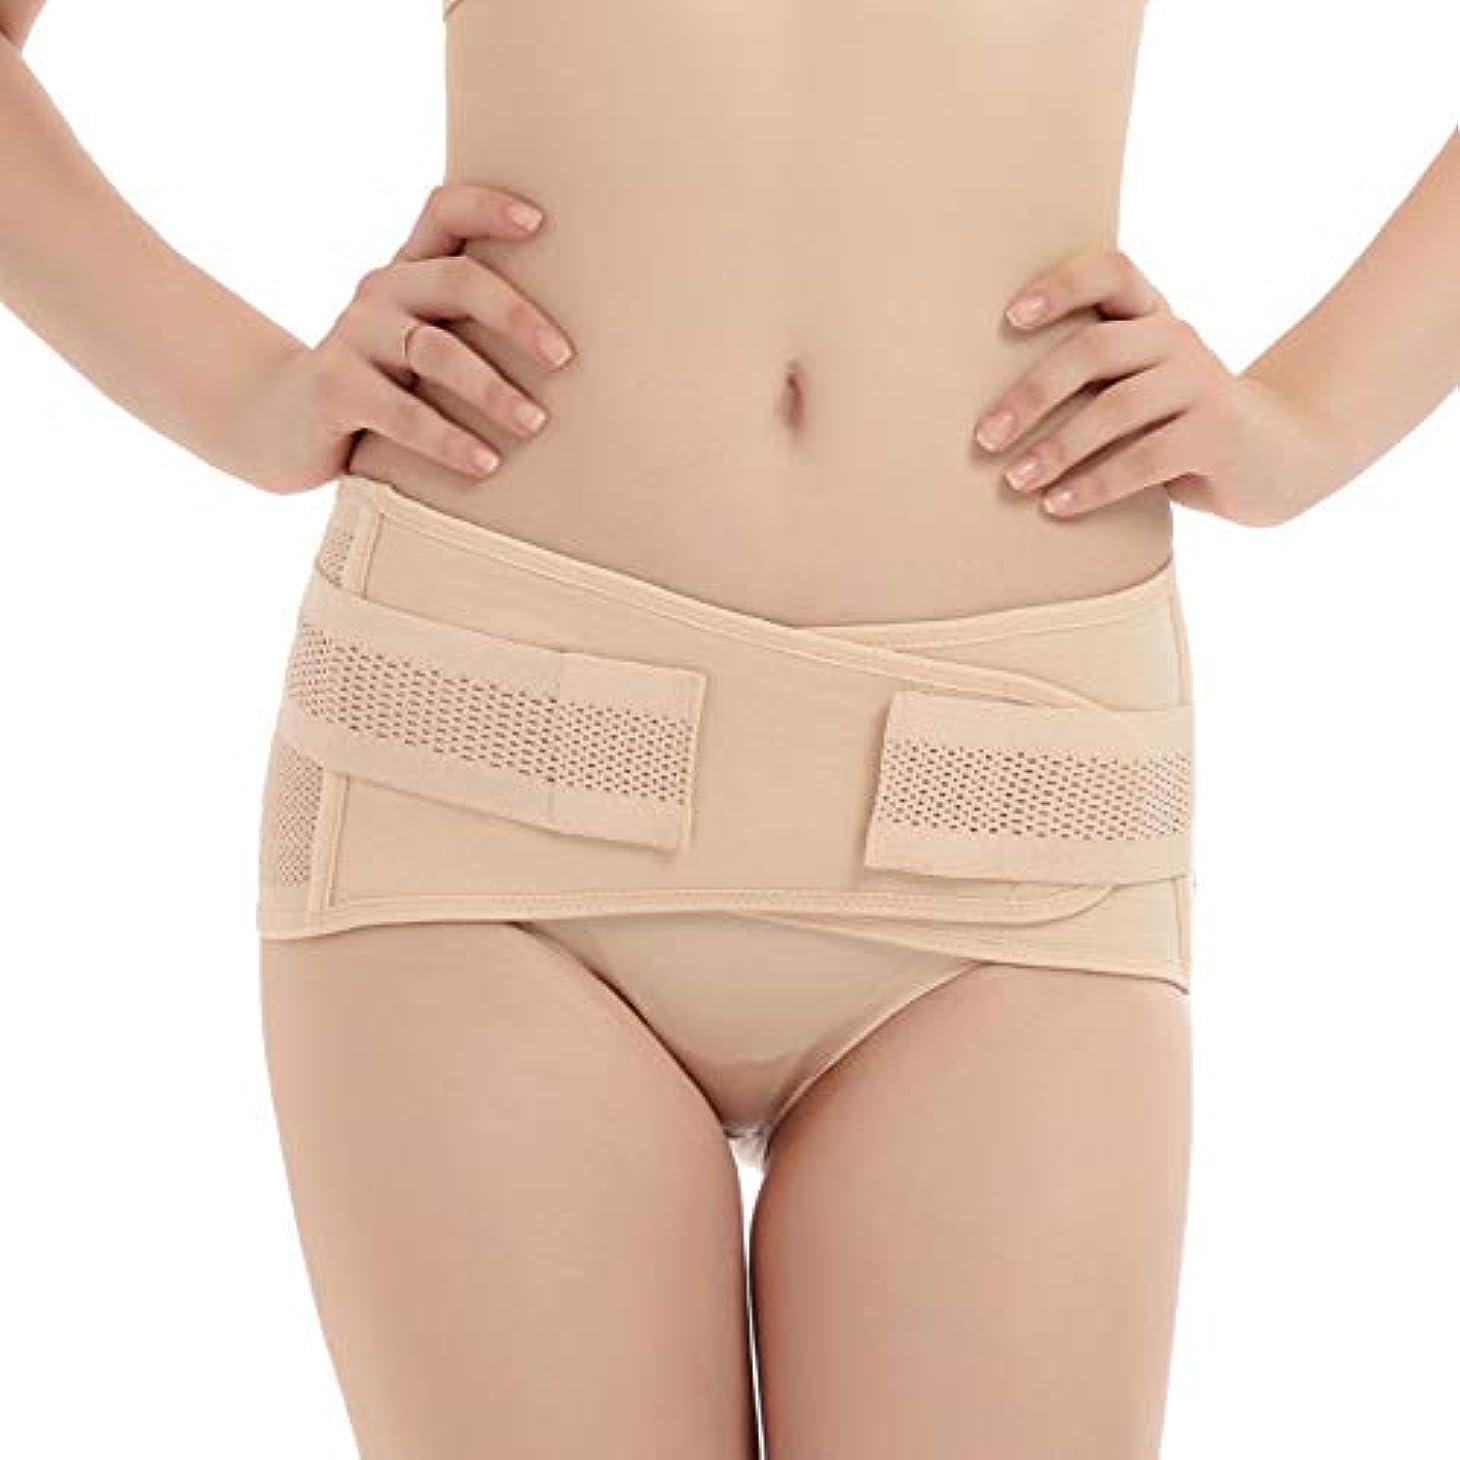 Aylincool妊娠中の女性産後骨盤正しいベルト腹巻き取る骨盤骨盤整形外科用ベルト